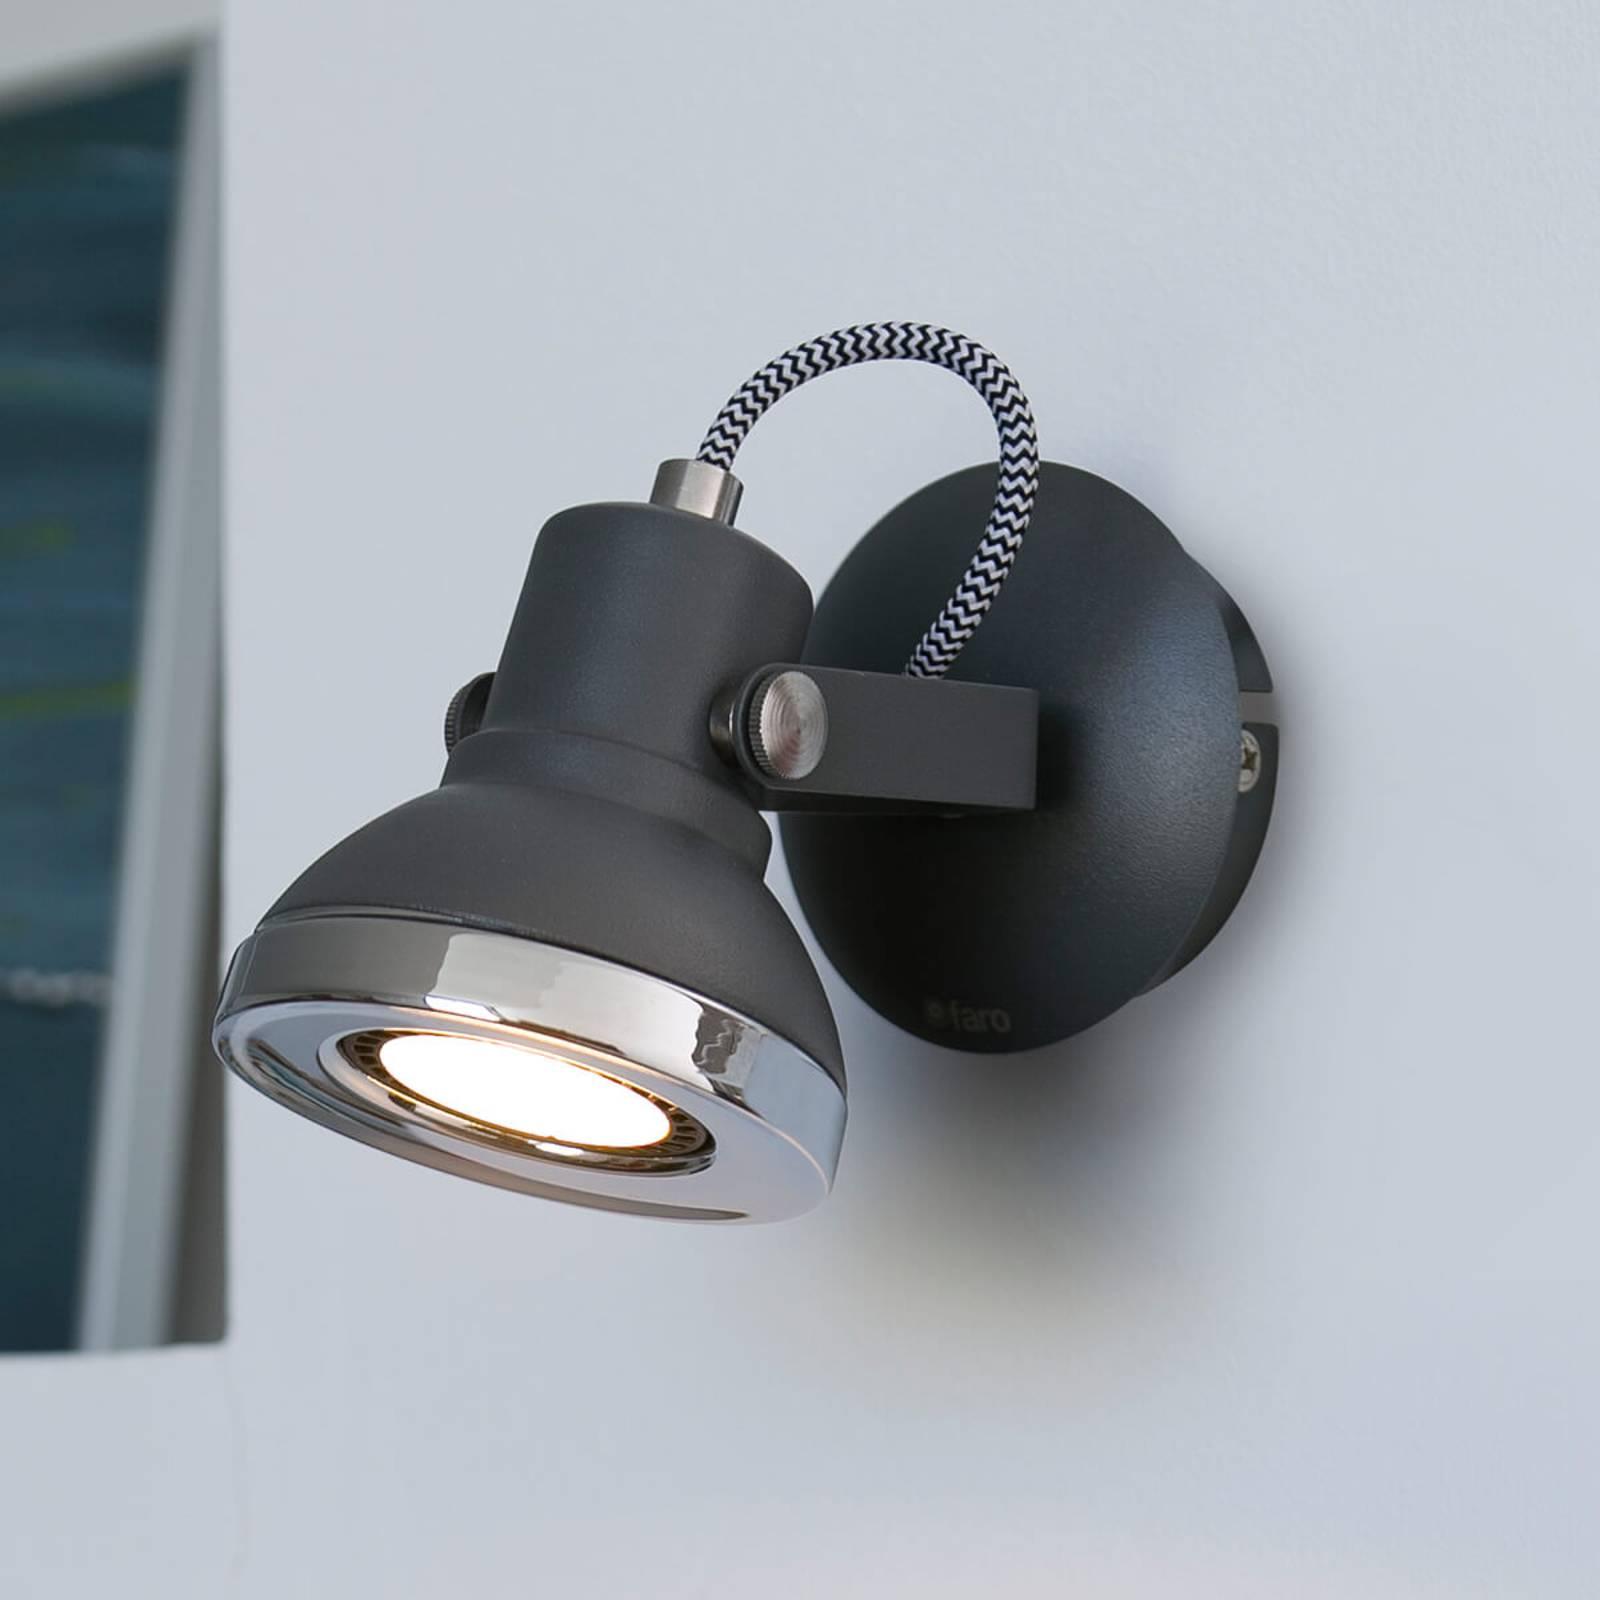 Ring - 1-lamppuinen LED-seinäkohdevalaisin, harmaa